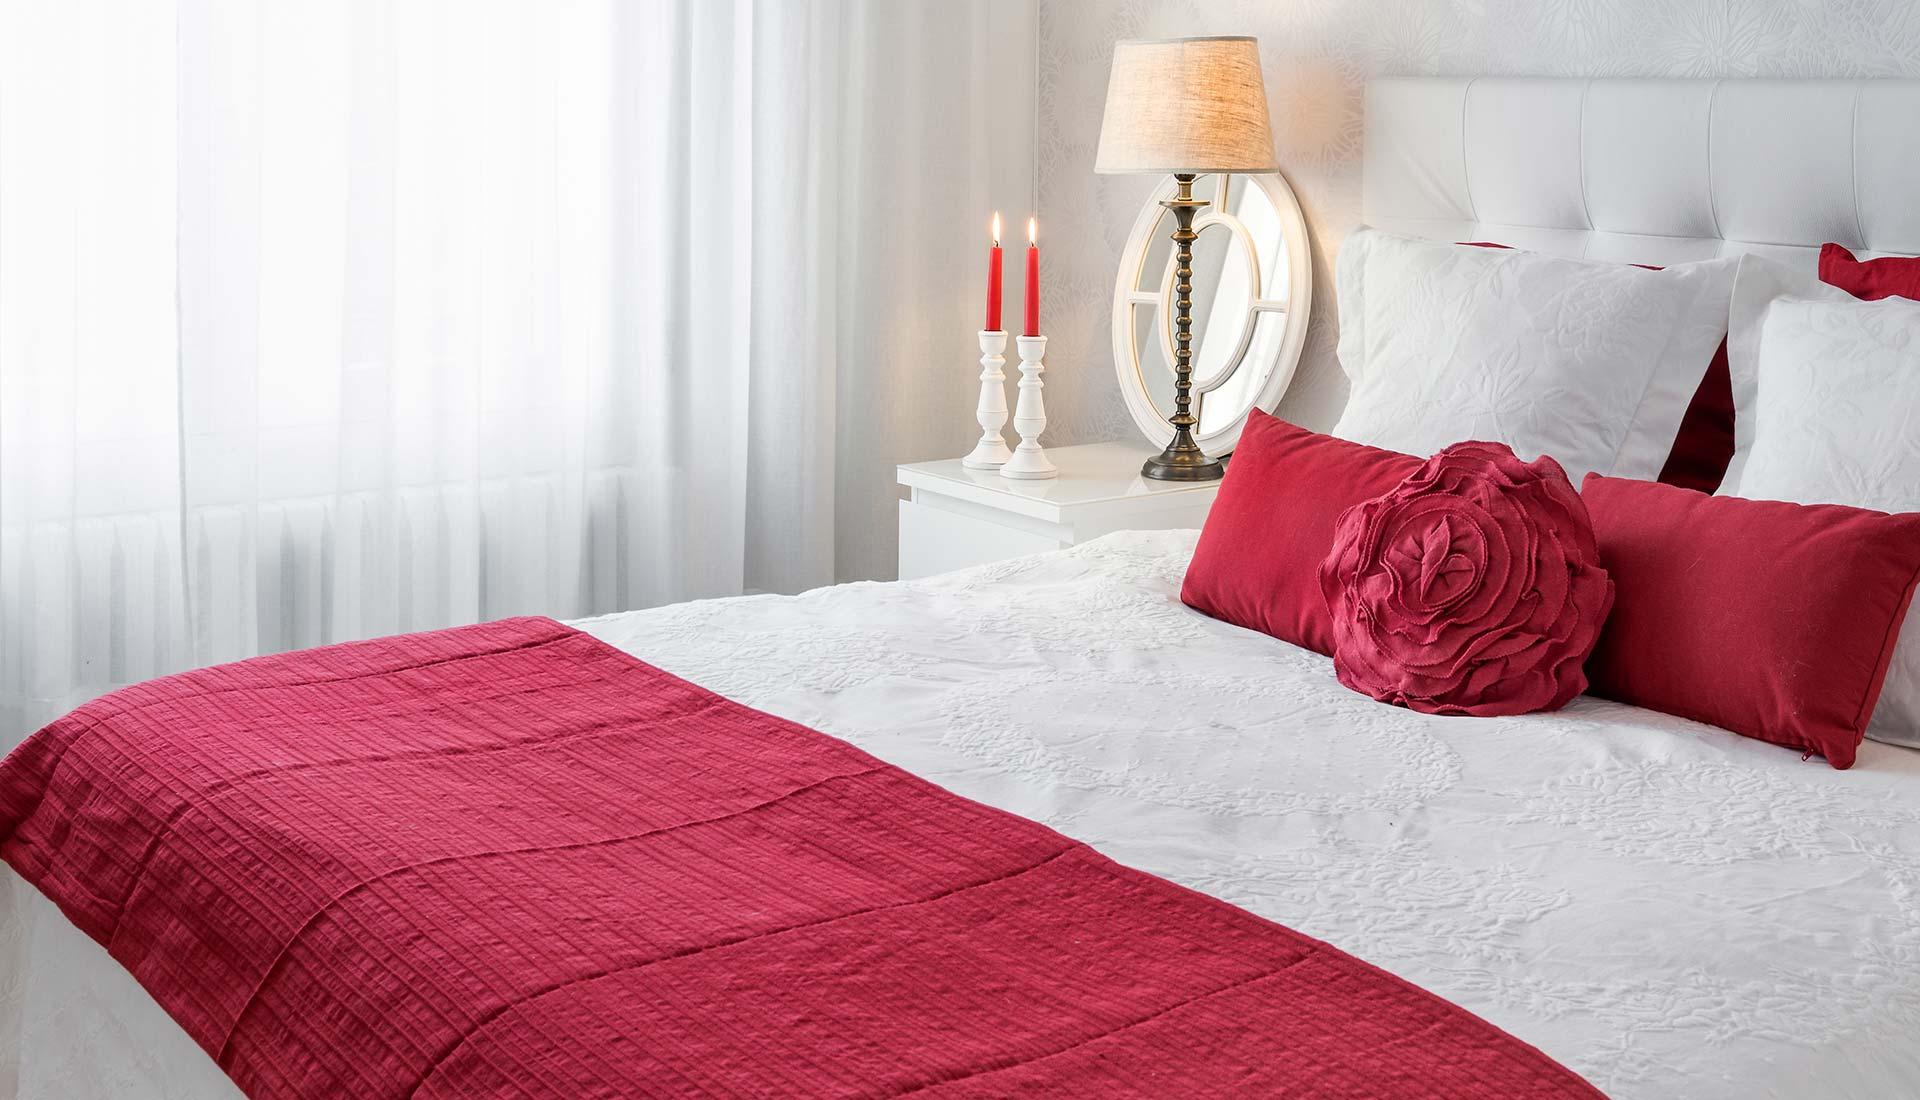 decoración interiores cama